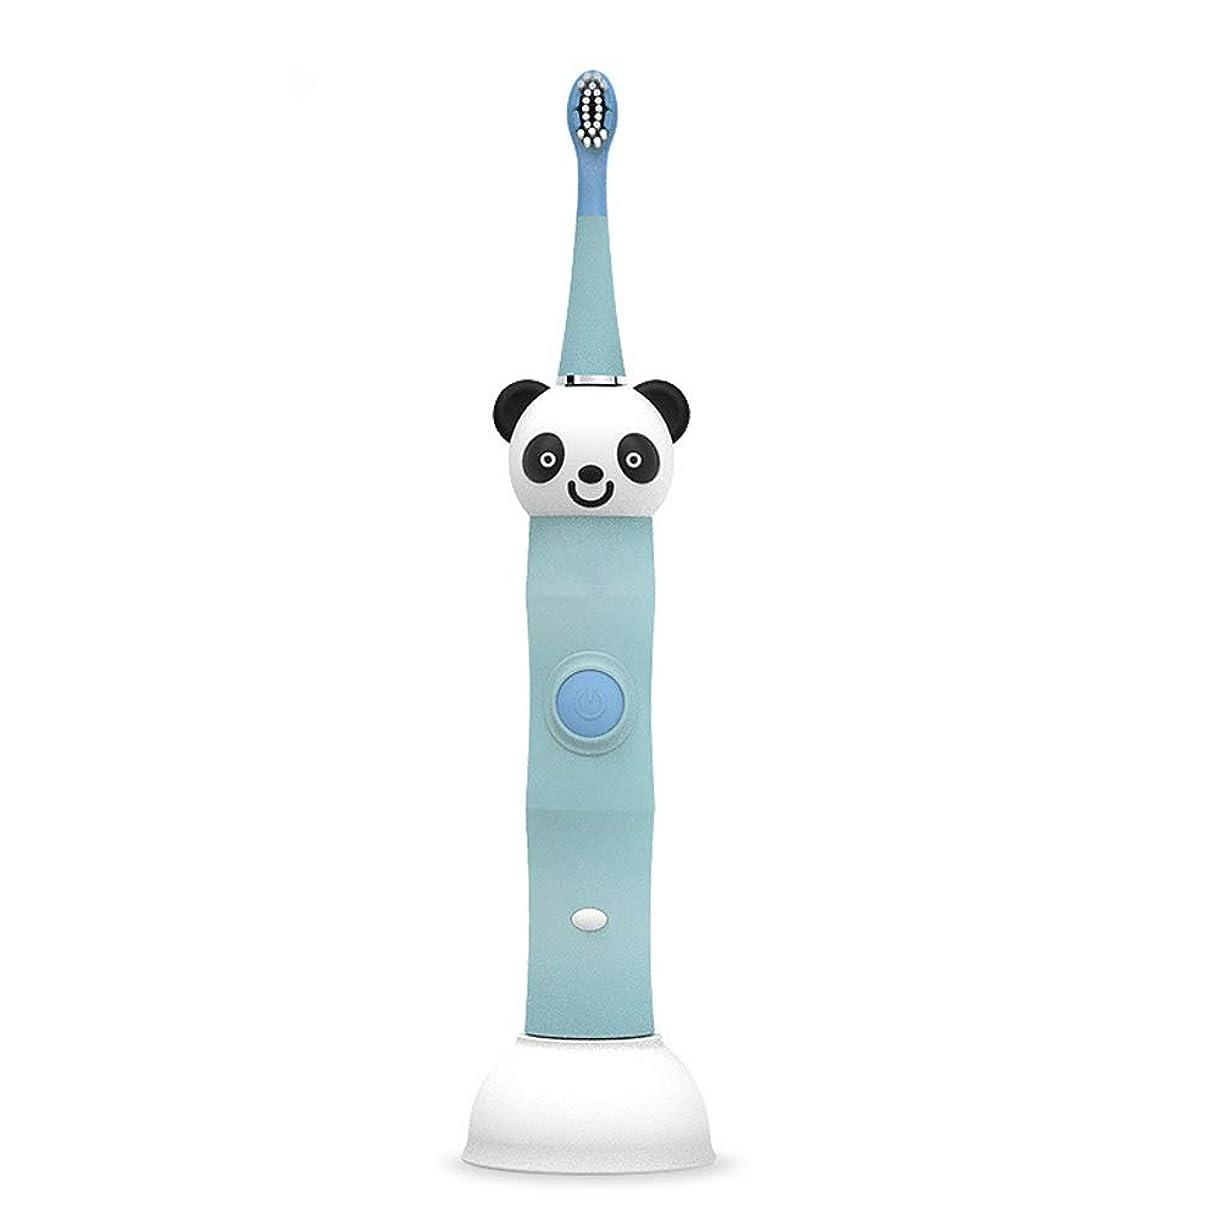 病者トリクル考古学者USBの充満基盤の柔らかい毛のきれいな歯ブラシと防水子供の電動歯ブラシ (色 : 青, サイズ : Free size)